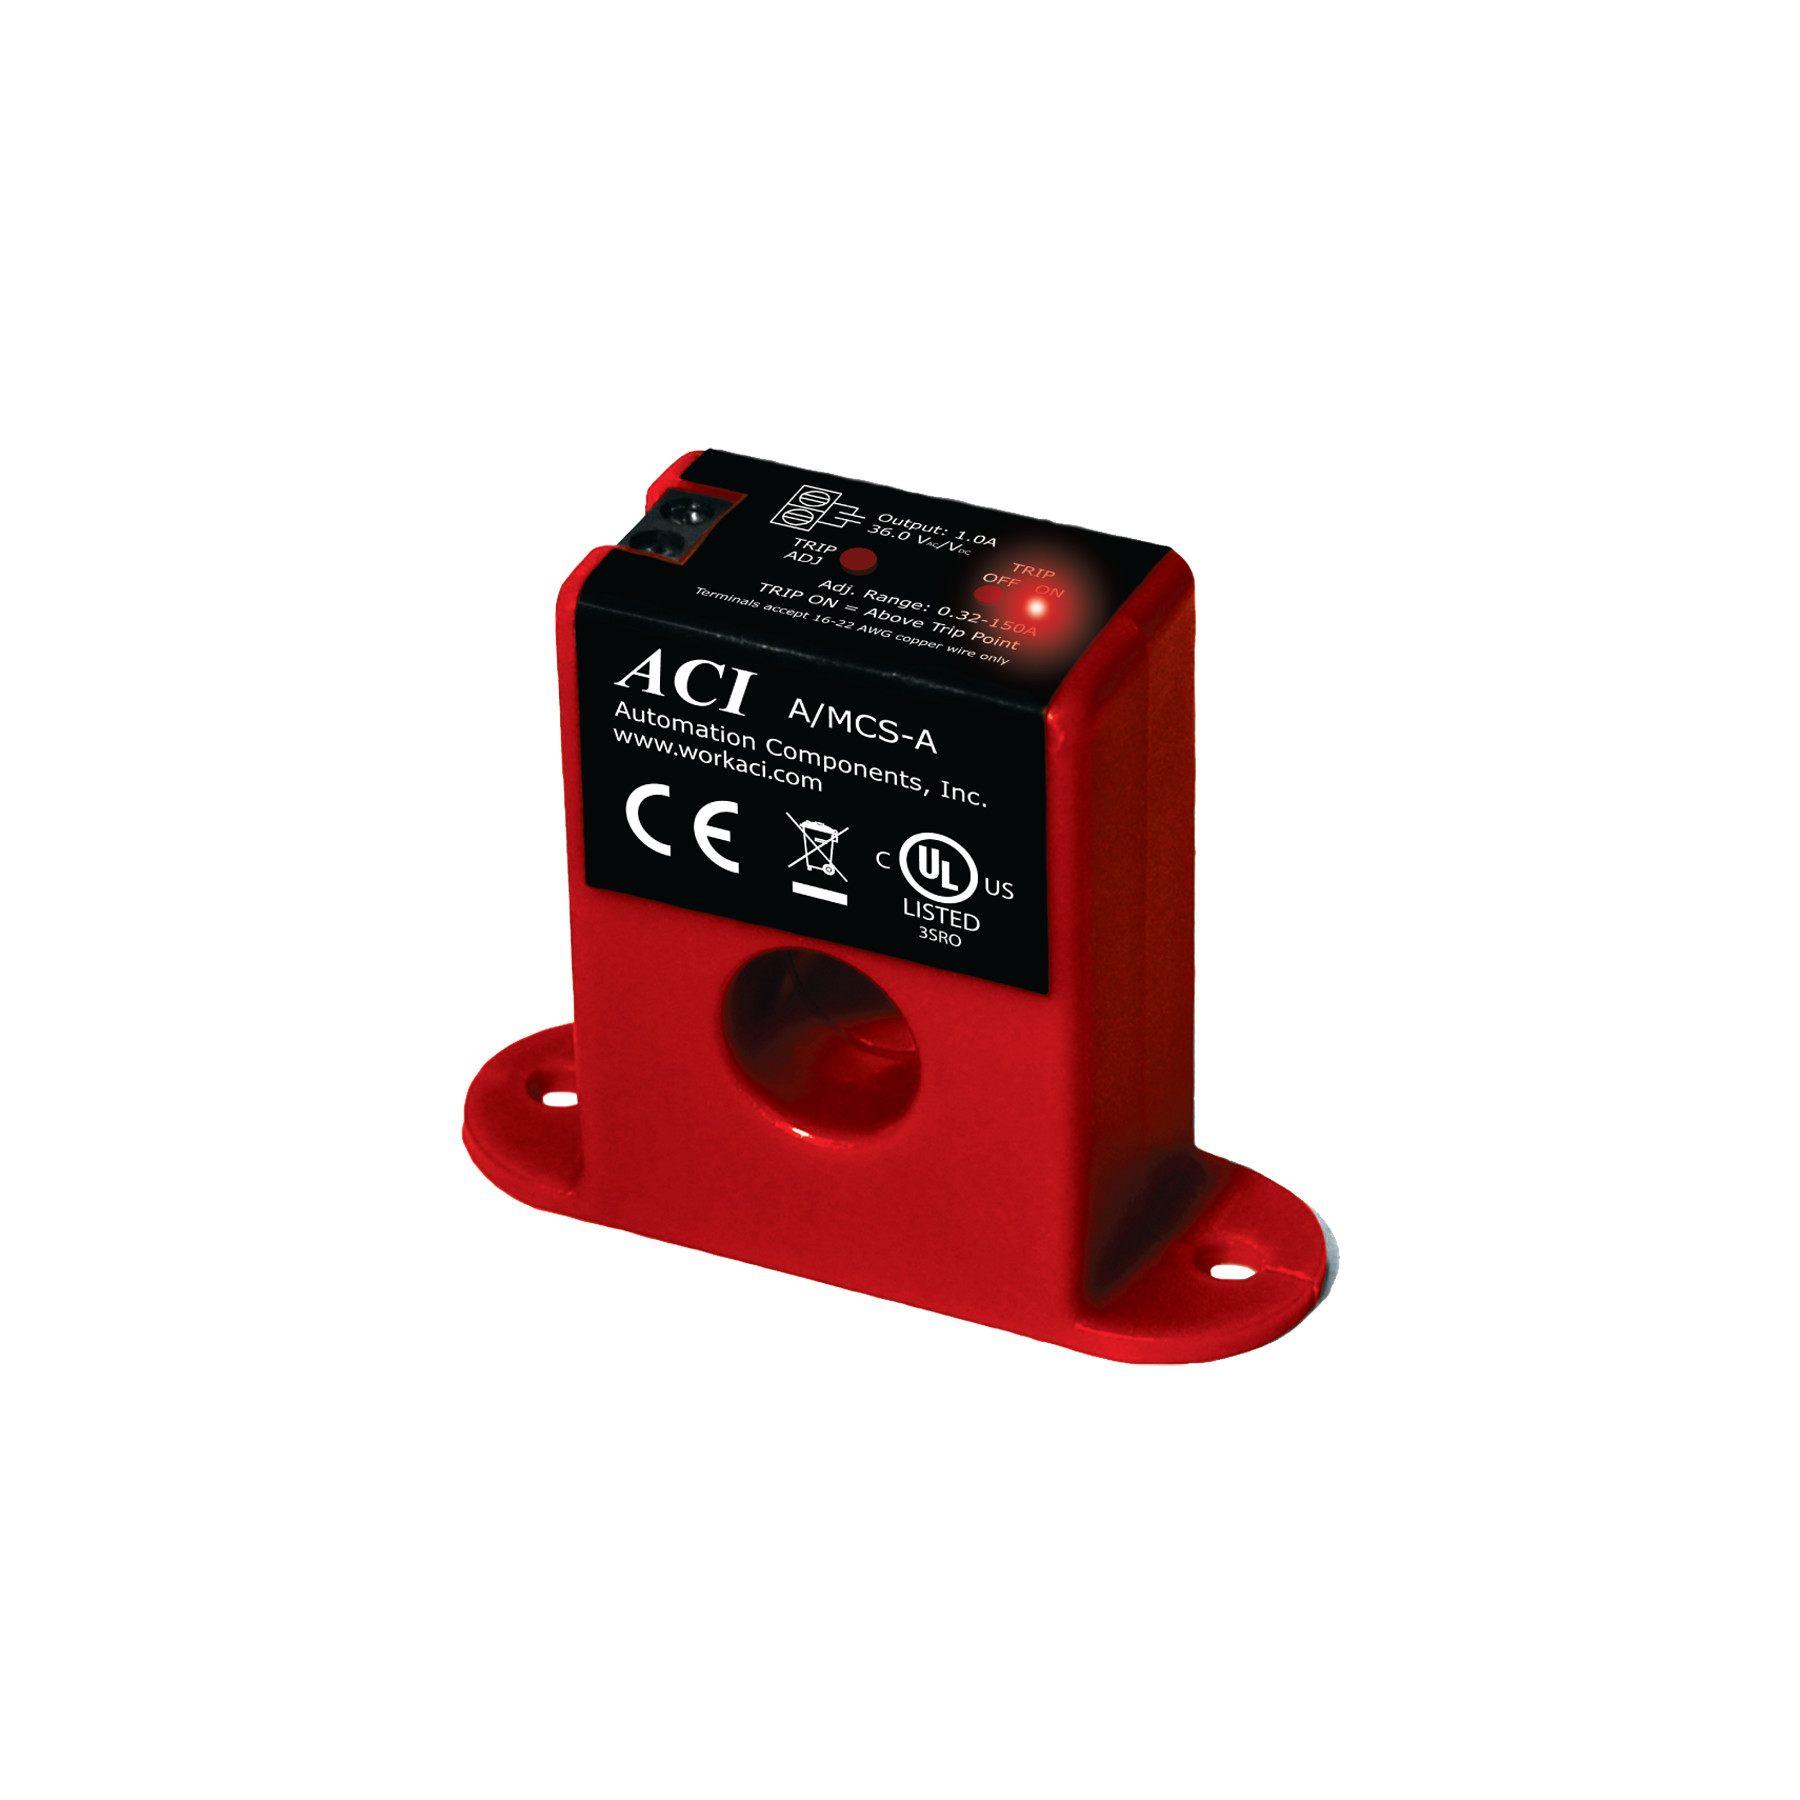 ACI  A/MCS-A Current Sensors